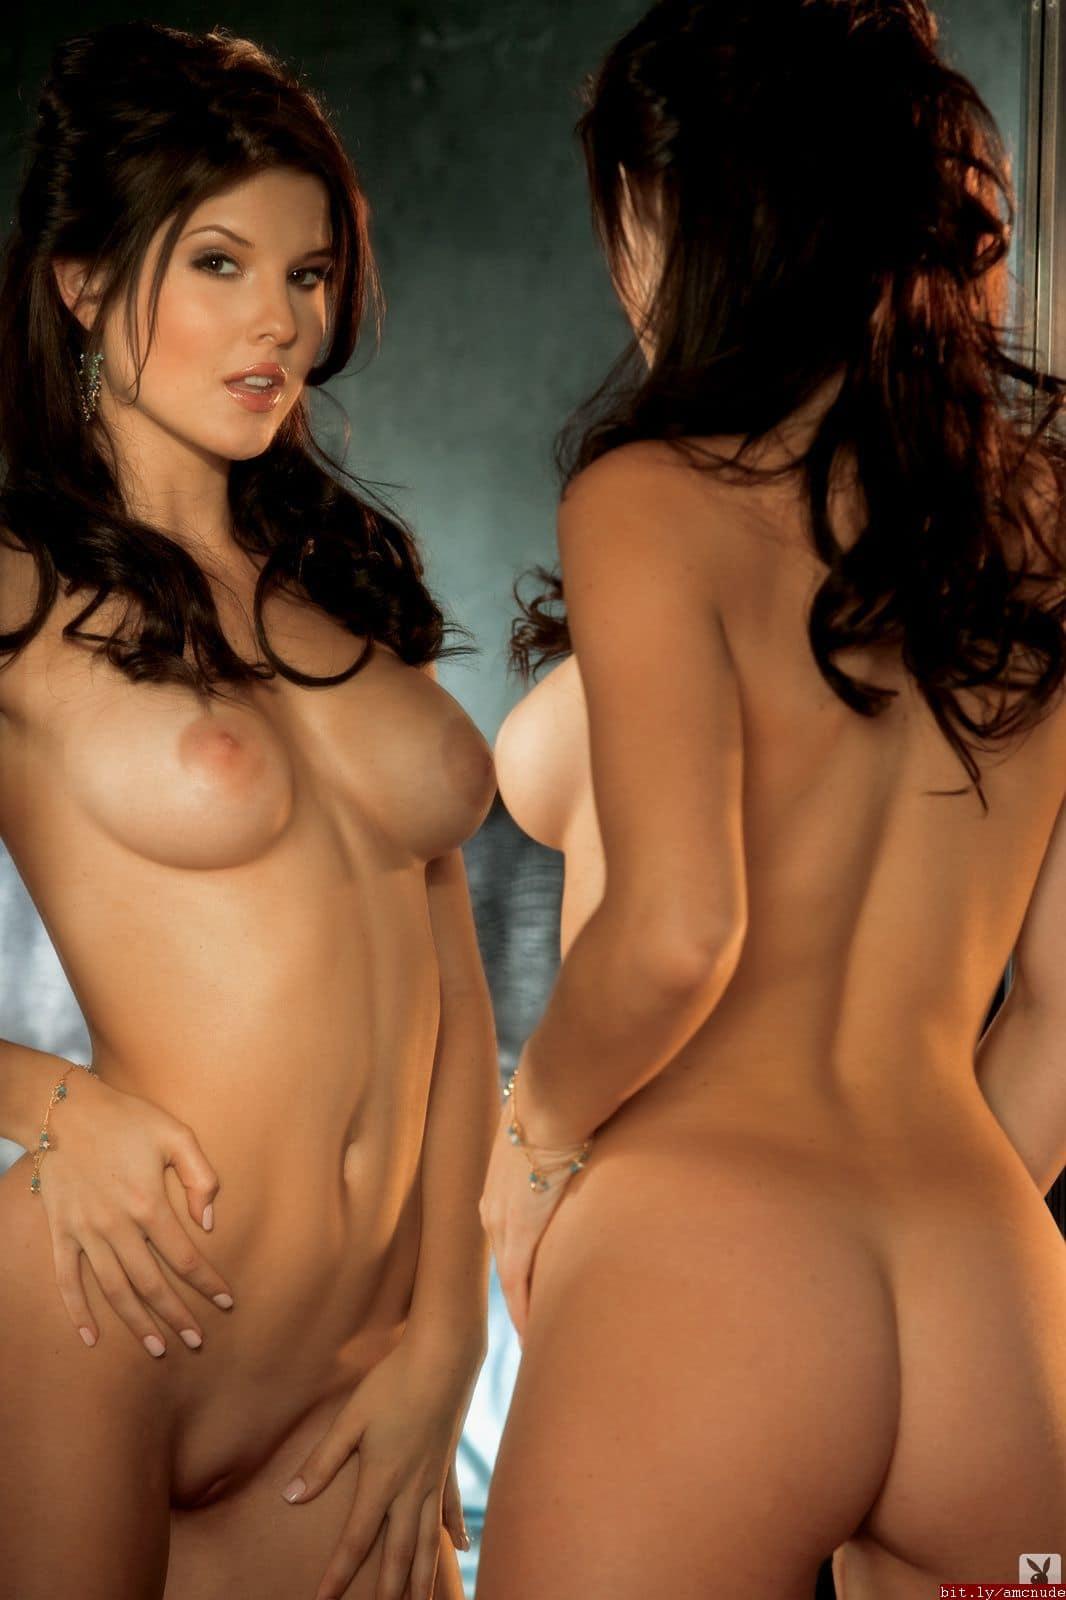 Amanda Cerny Playboy Movie amanda cerny playboy pictures - hot nude 18+